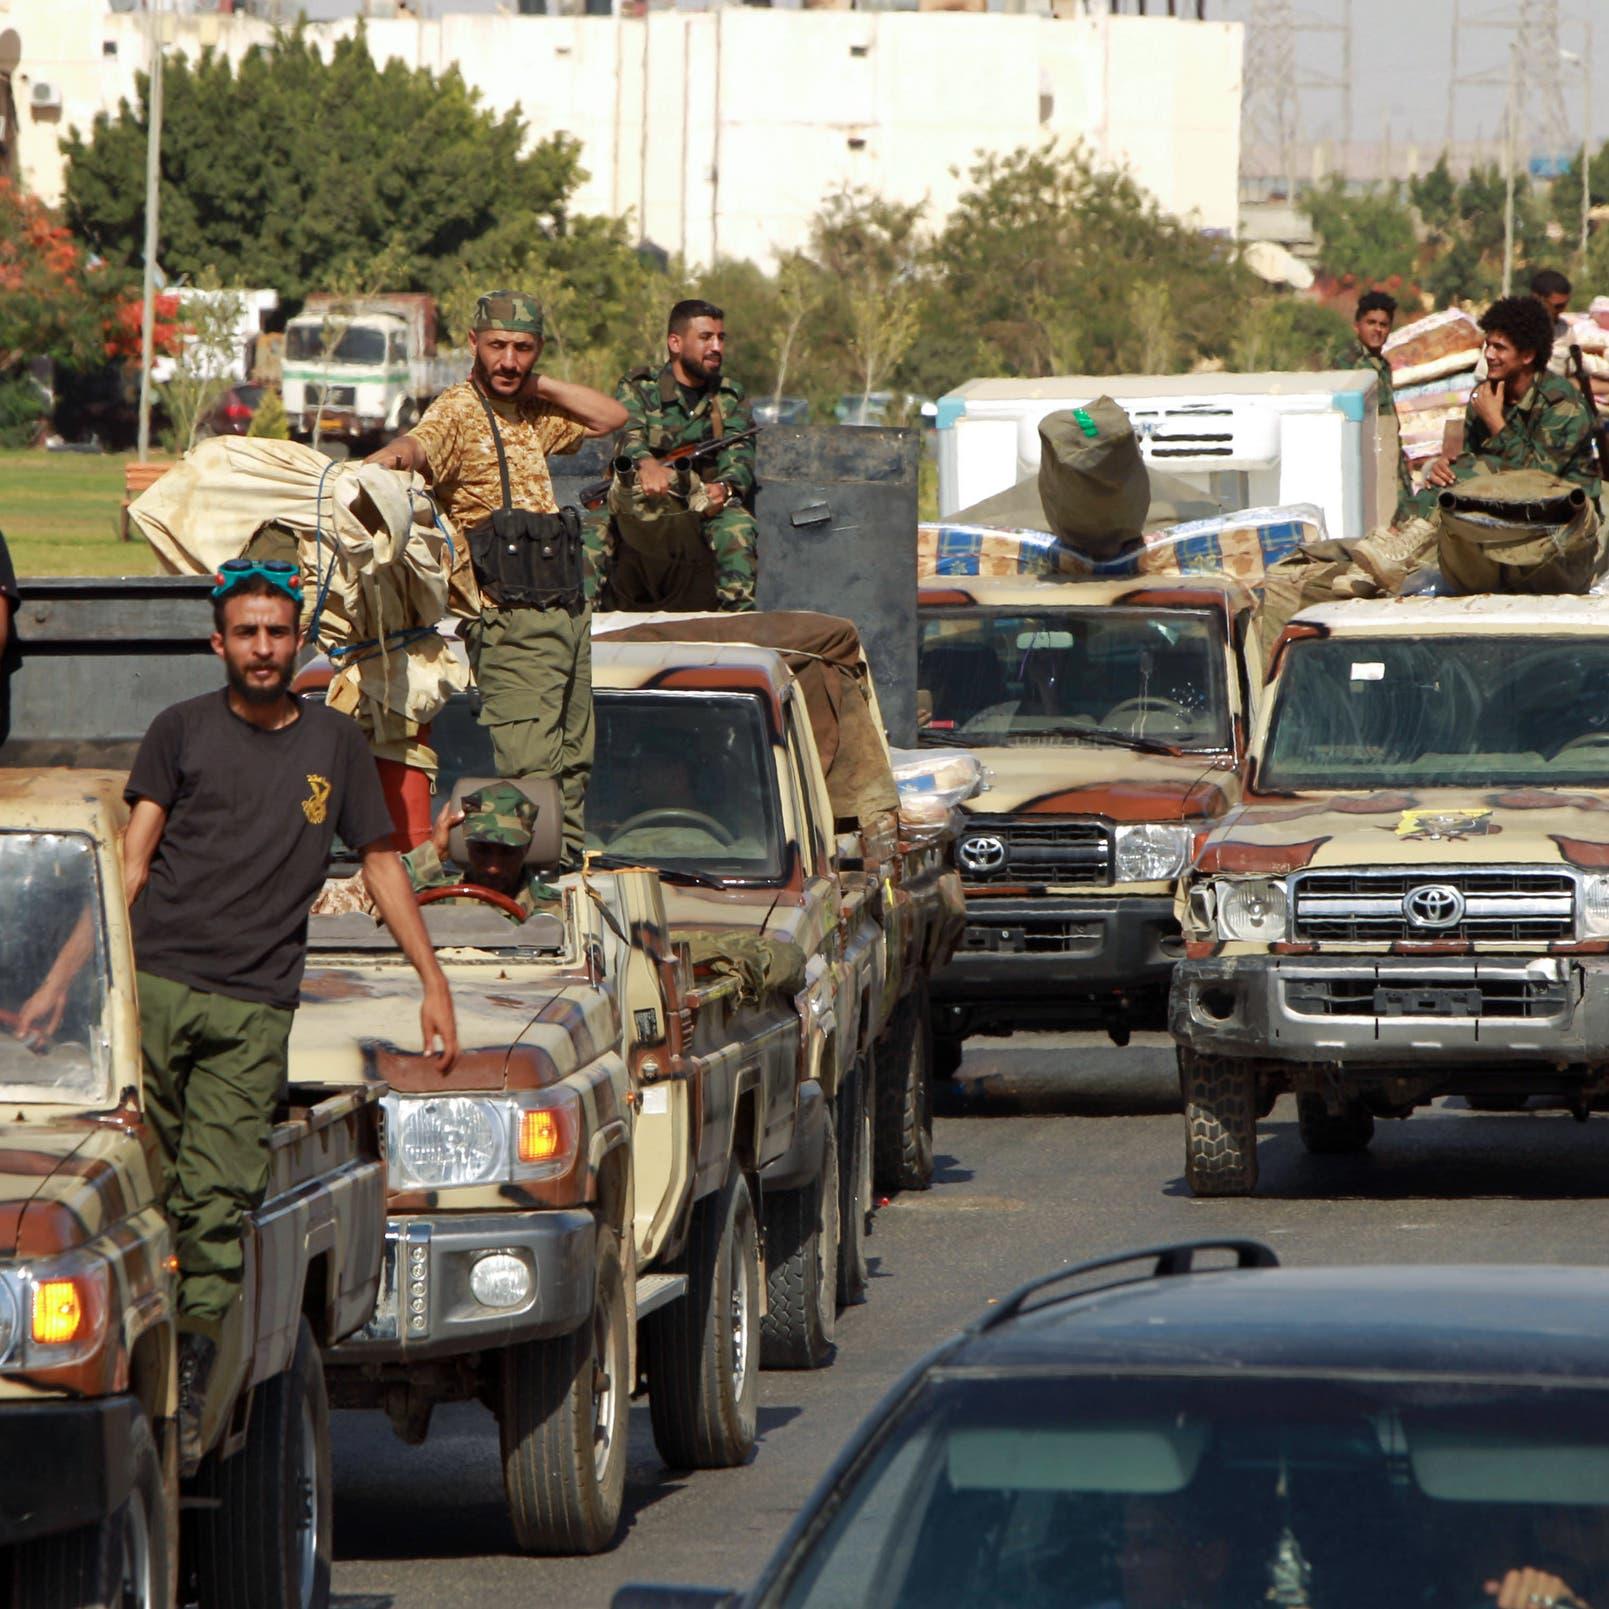 الوفاق تتمسك بدخول سرت.. والجيش يرد بخريطة!